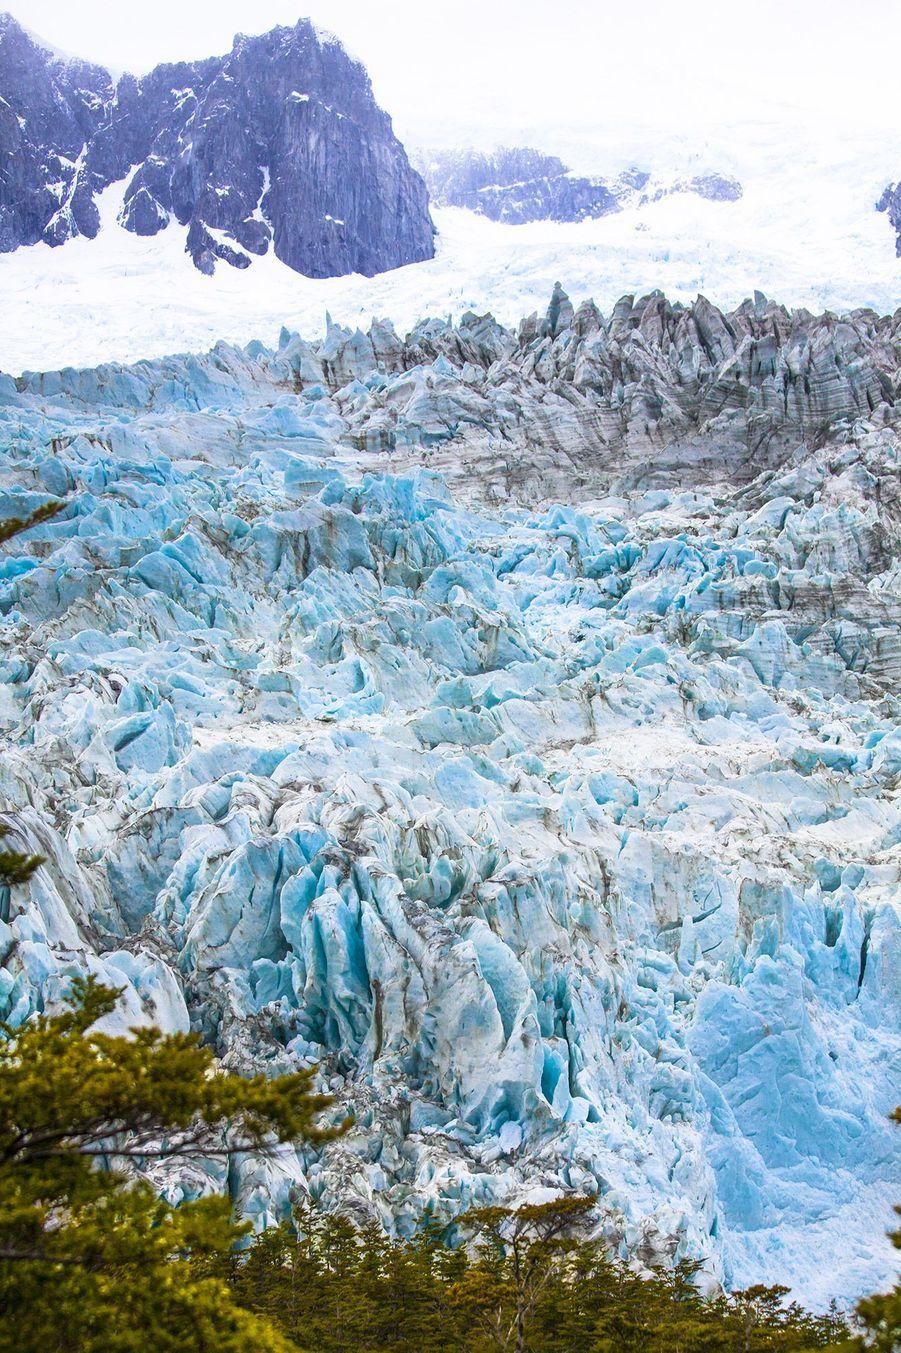 Contraste de reliefs, de matières et de couleurs.Forêts, cimes et glaciers structurent la beauté originelle.